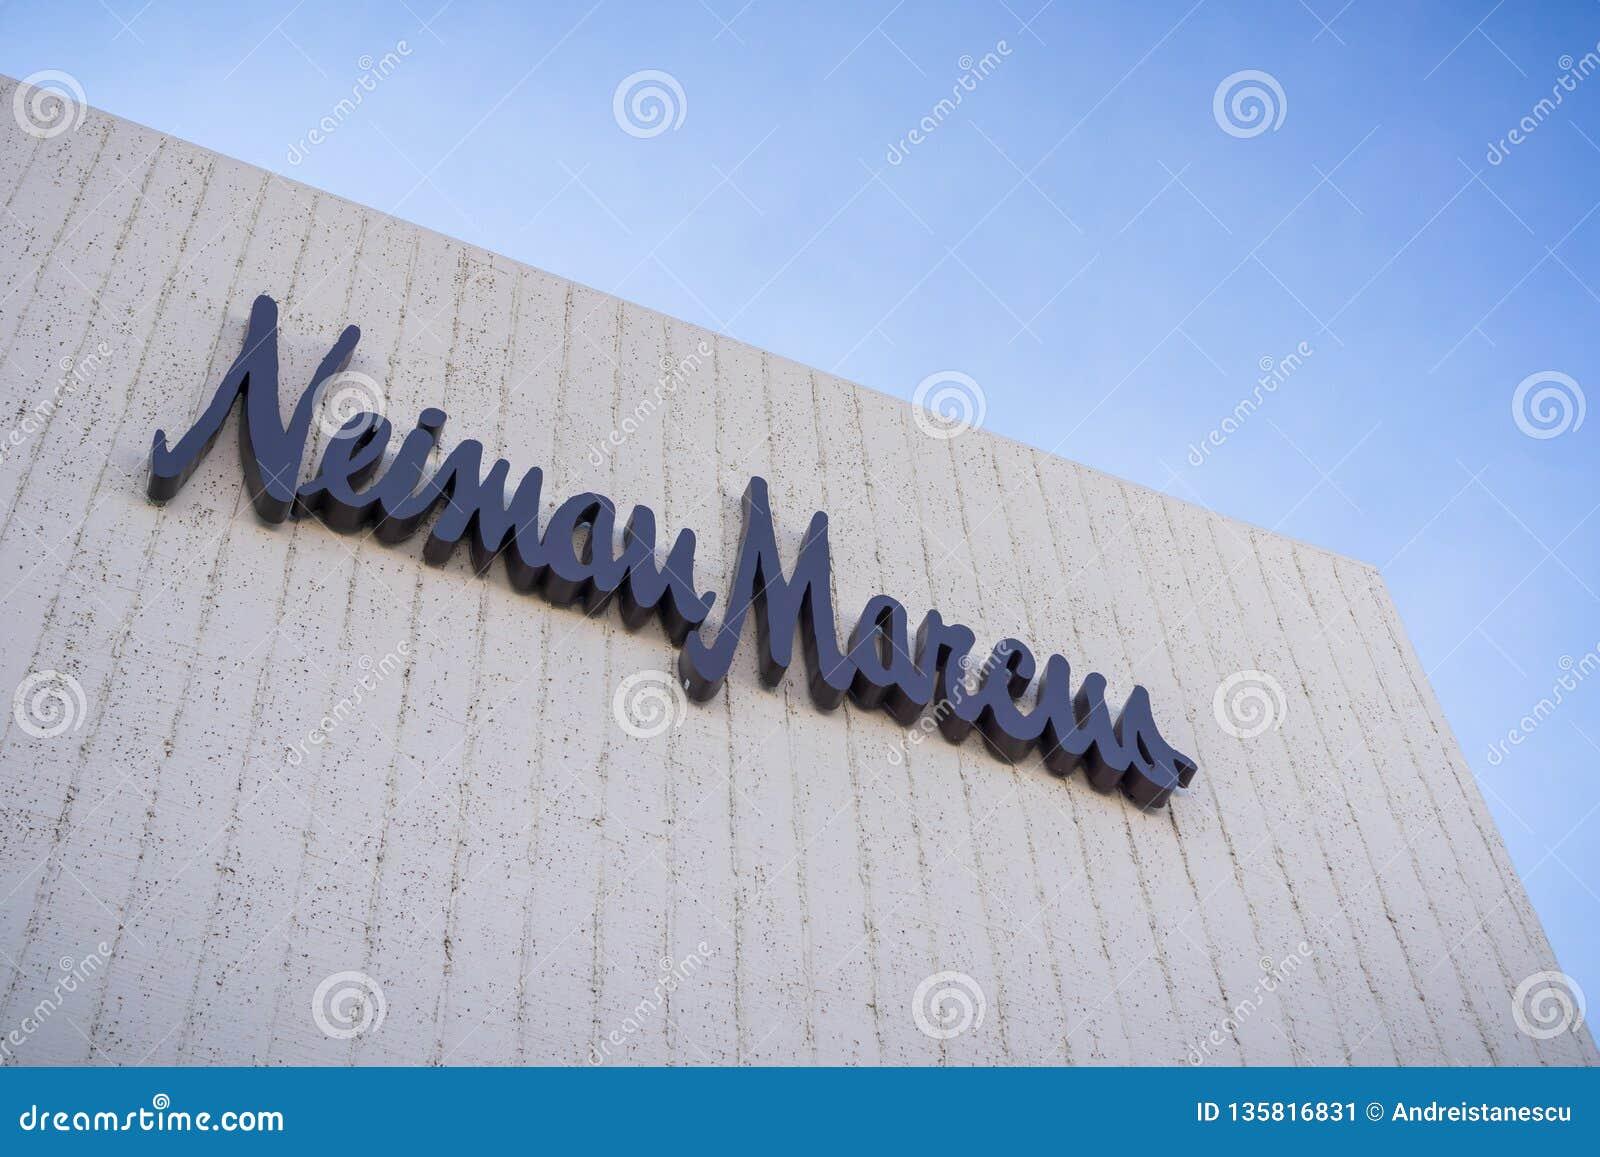 2017年12月7日帕洛阿尔托/加州/美国-在位于高级露天斯坦福购物中心的商店的Neiman马库斯商标,